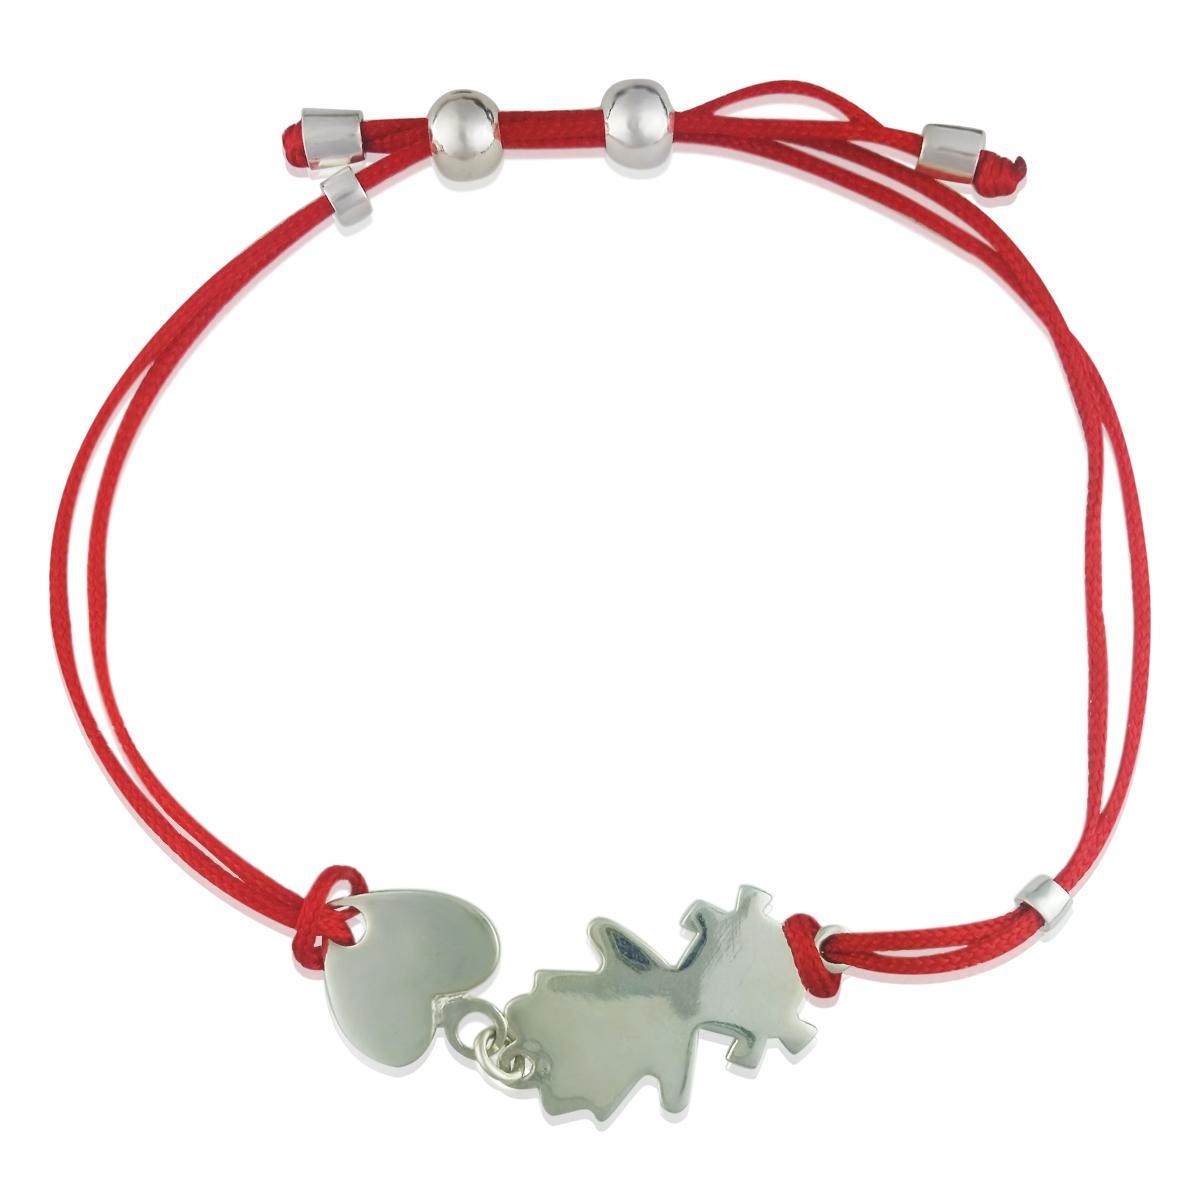 Золотий браслет для мами «Дівчинка з сердечком» з червоною ниткою